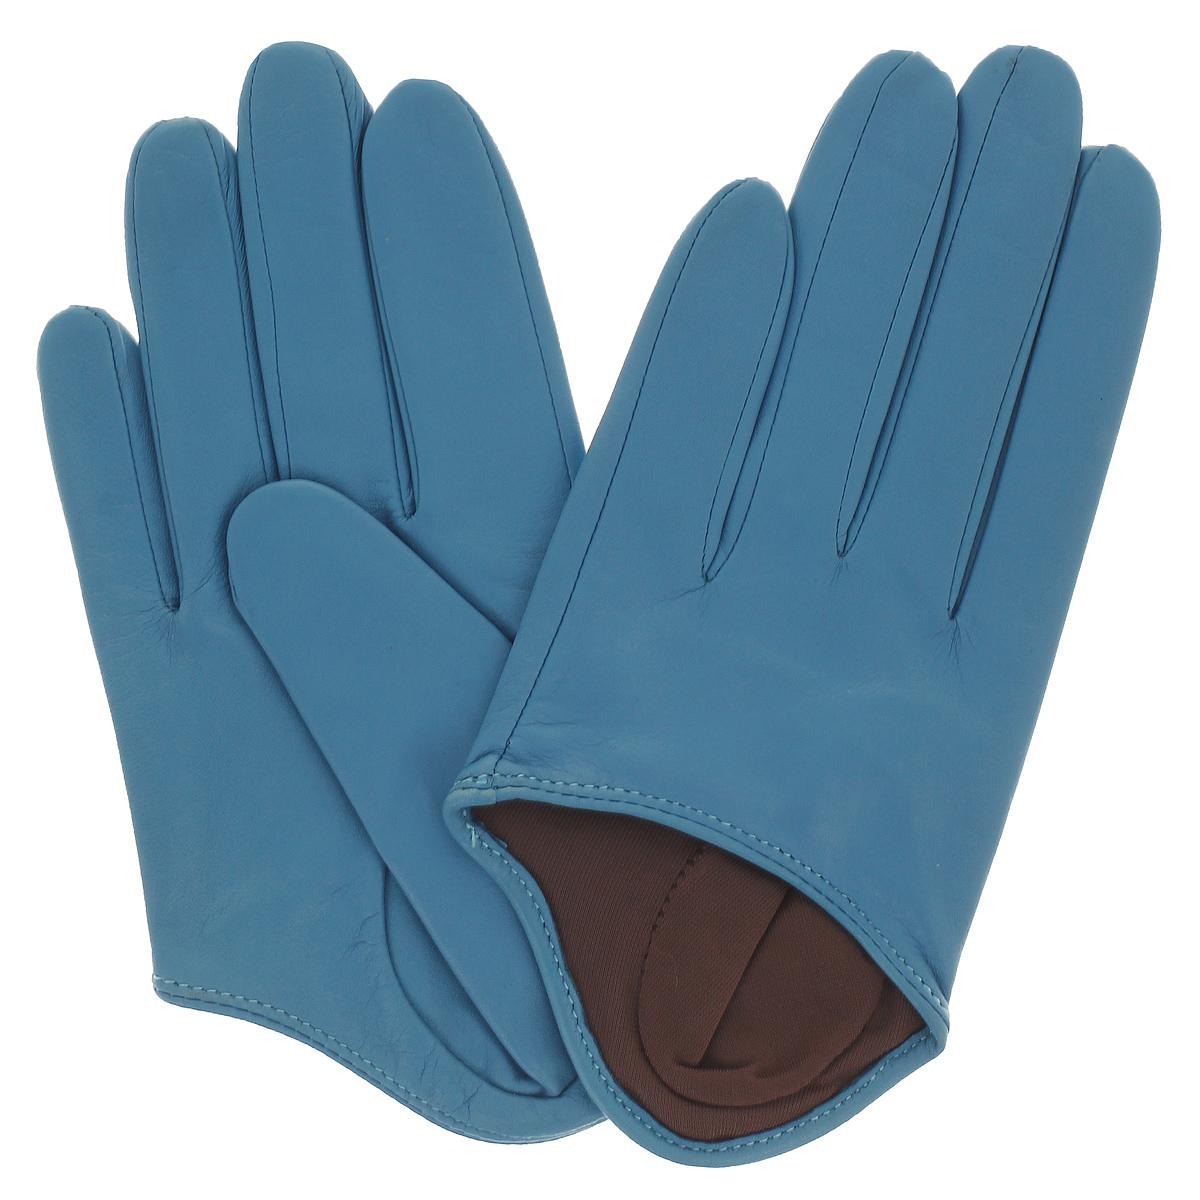 Укороченные перчаткиK81-IN1/AZURСтильные укороченные перчатки Michel Katana с шелковой подкладкой выполнены из мягкой и приятной на ощупь натуральной кожи ягненка на хлопковой подкладке. Перчатки станут достойным элементом вашего стиля и сохранят тепло ваших рук. Это не просто модный аксессуар, но и уникальный авторский стиль, наполненный духом севера Франции.